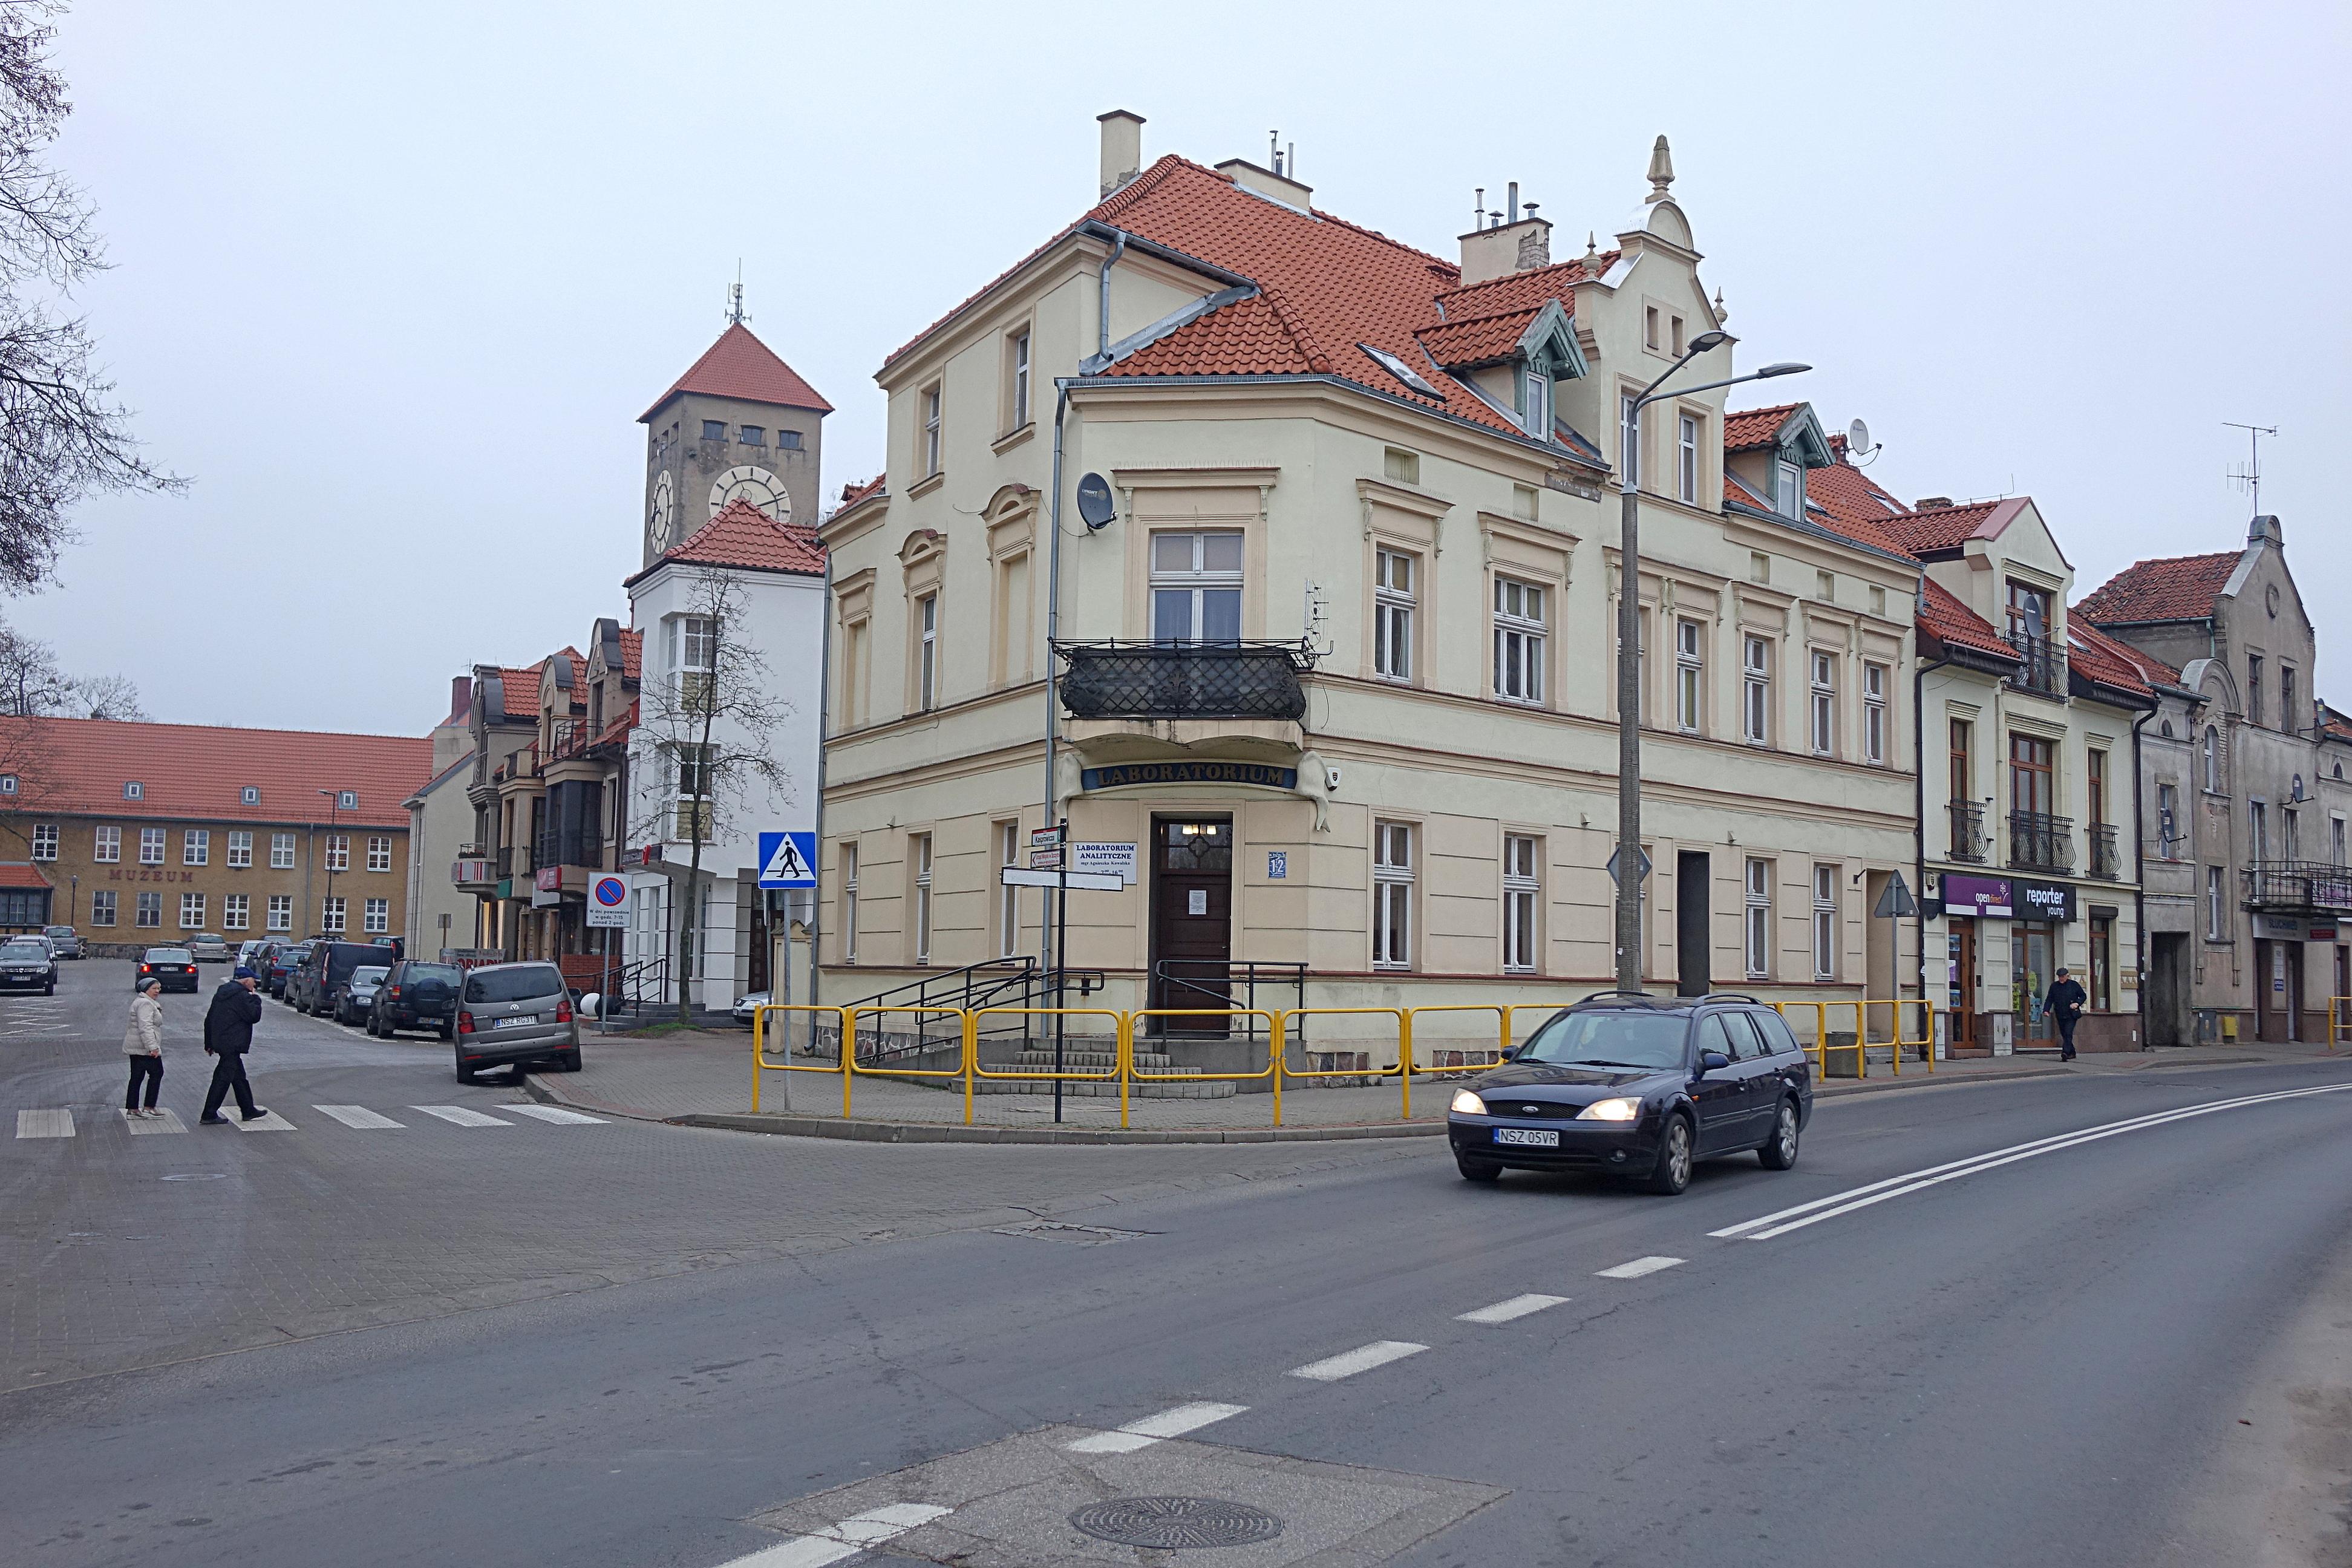 https://m.powiatszczycienski.pl/2019/11/orig/dsc00064-25959.jpg